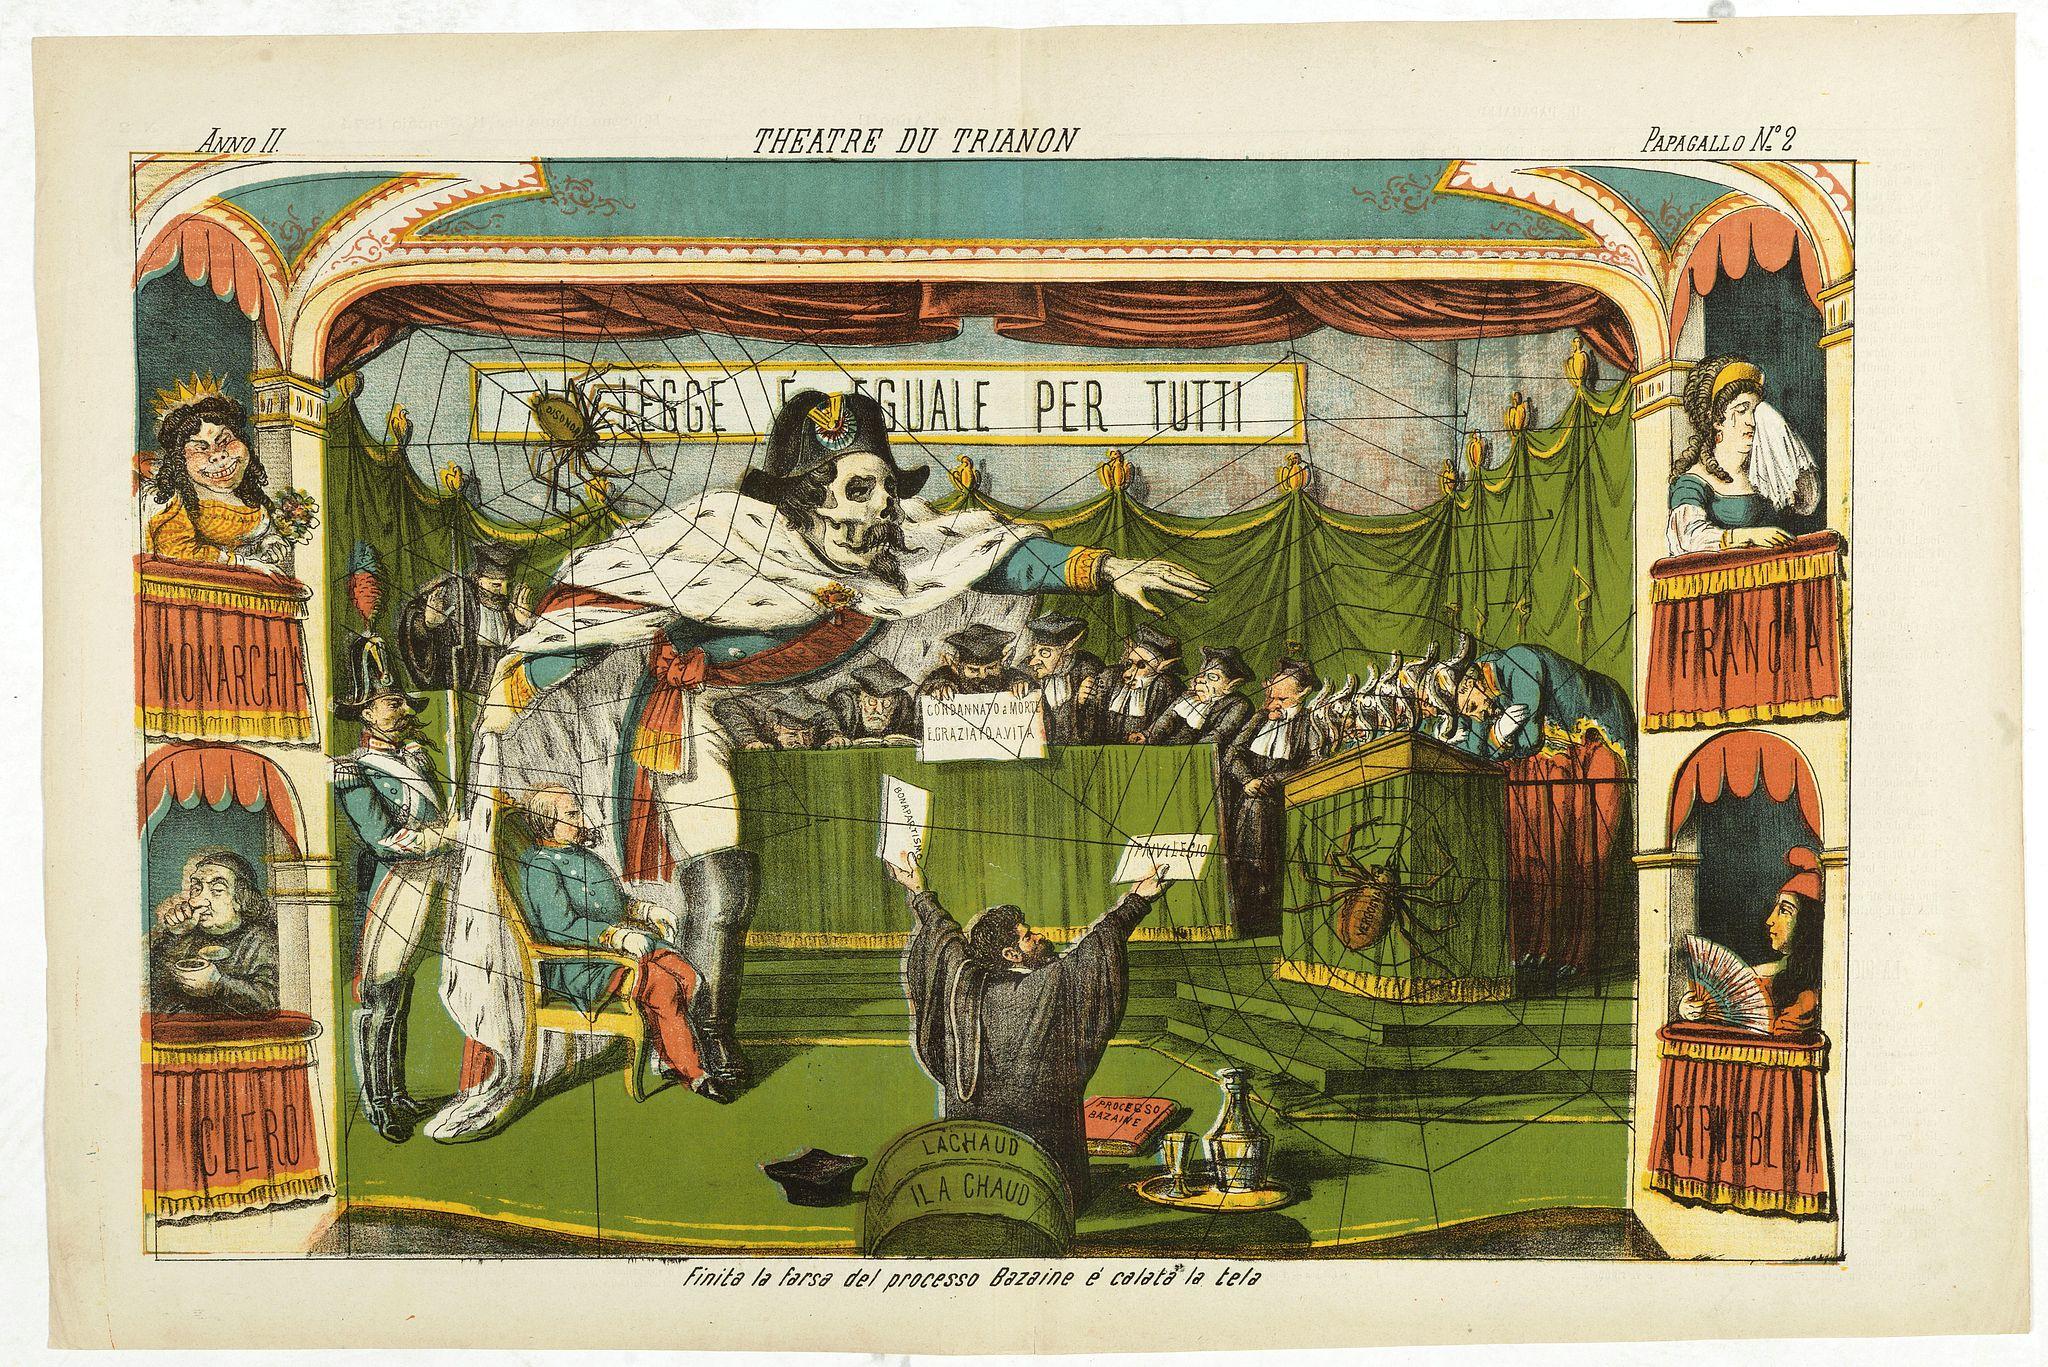 GROSSI, A. -  Theatre du Trianon. Papagallo No. 2. Anno II.